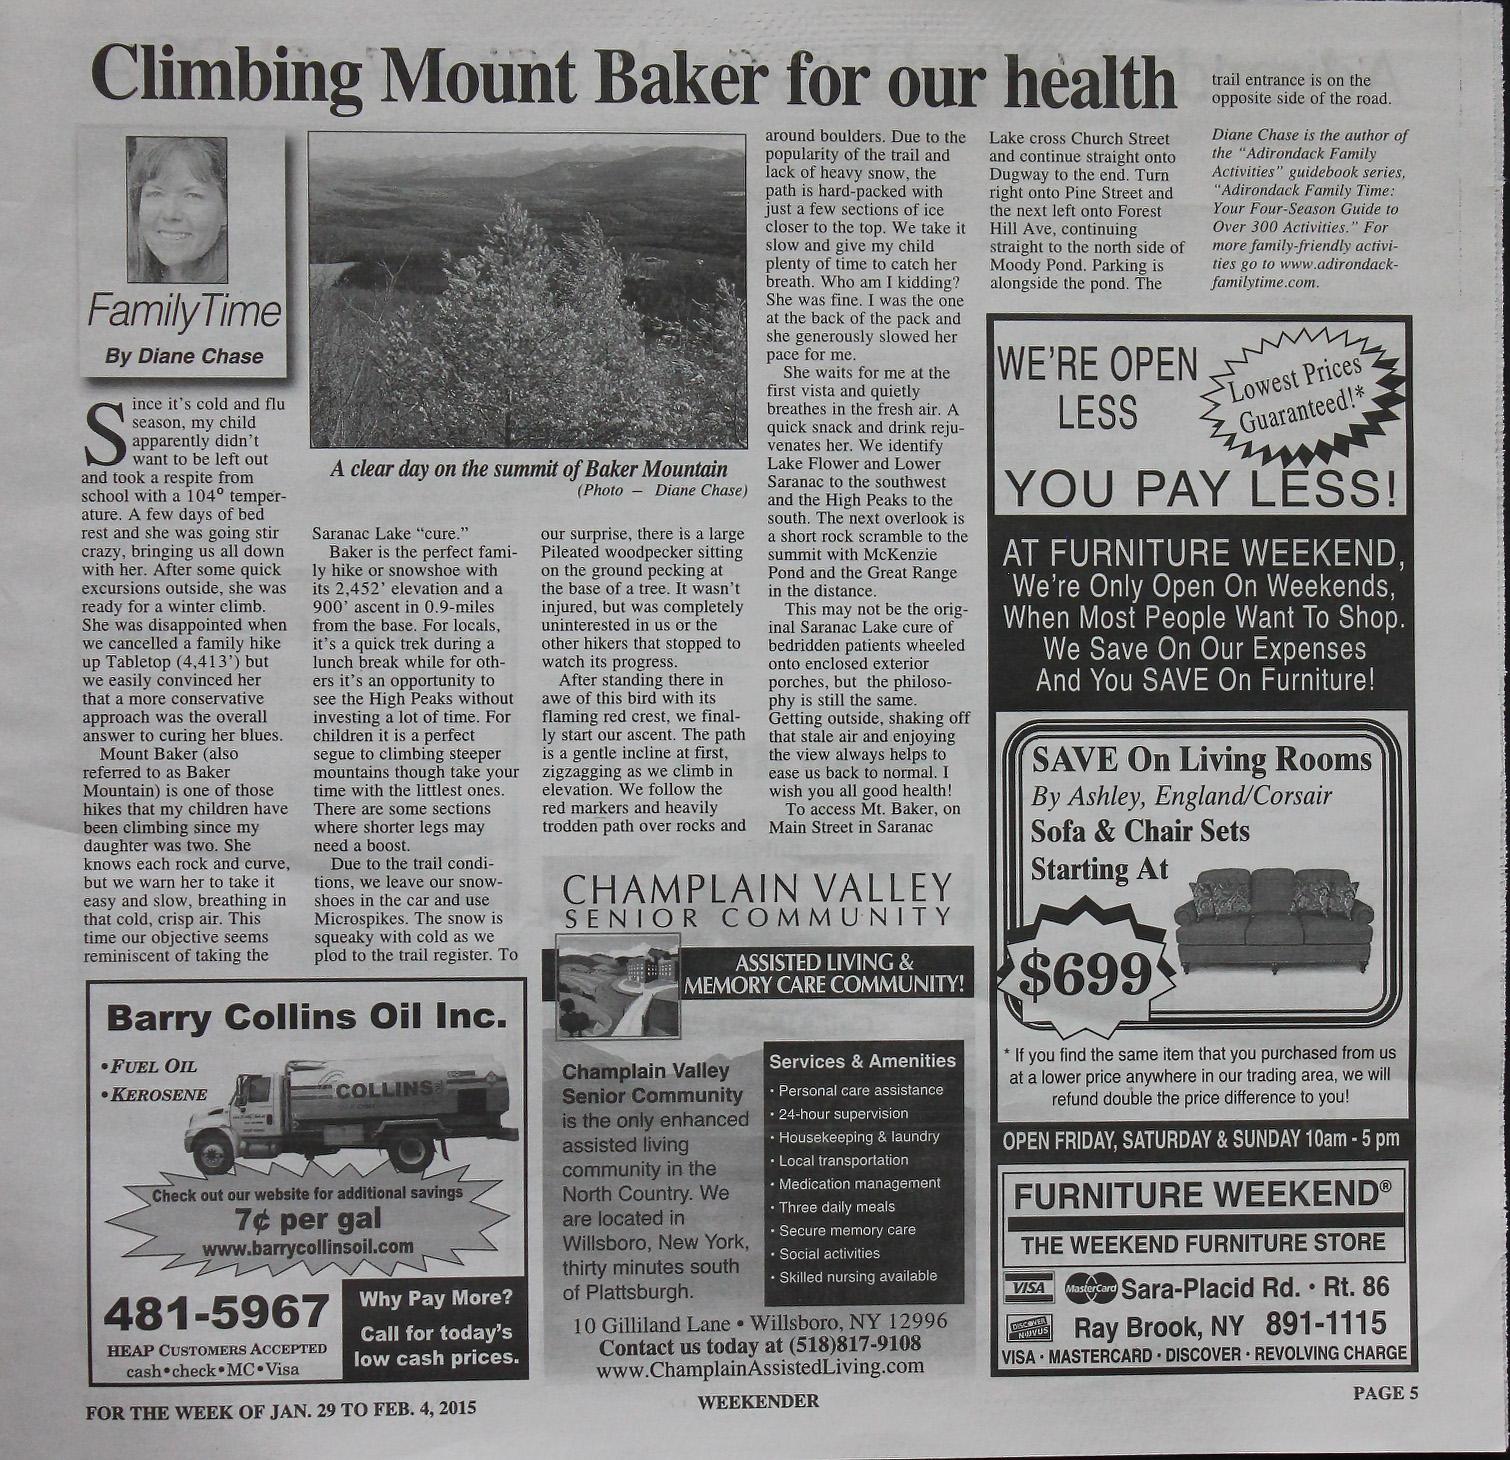 Hike Mt. Baker, Saranac Lake 6er